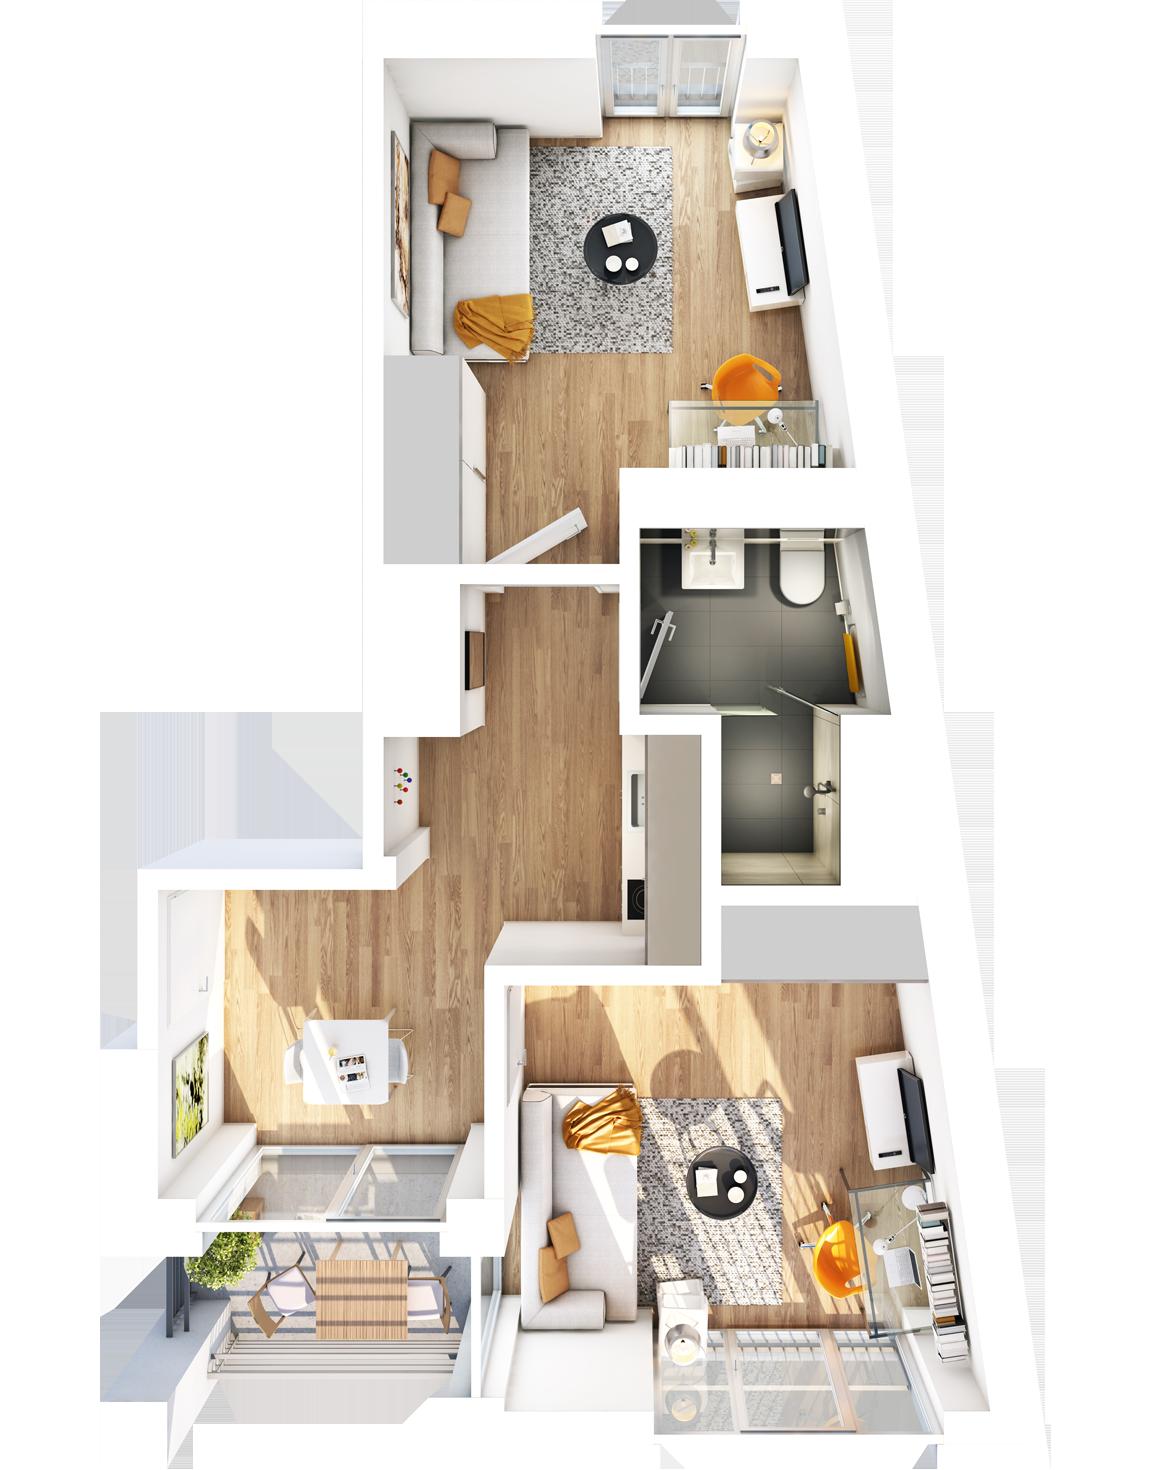 Visualisierung Beispiel 2 Zimmer Wohnung Typ H Mit Bad, Separater Küche,  Zwei